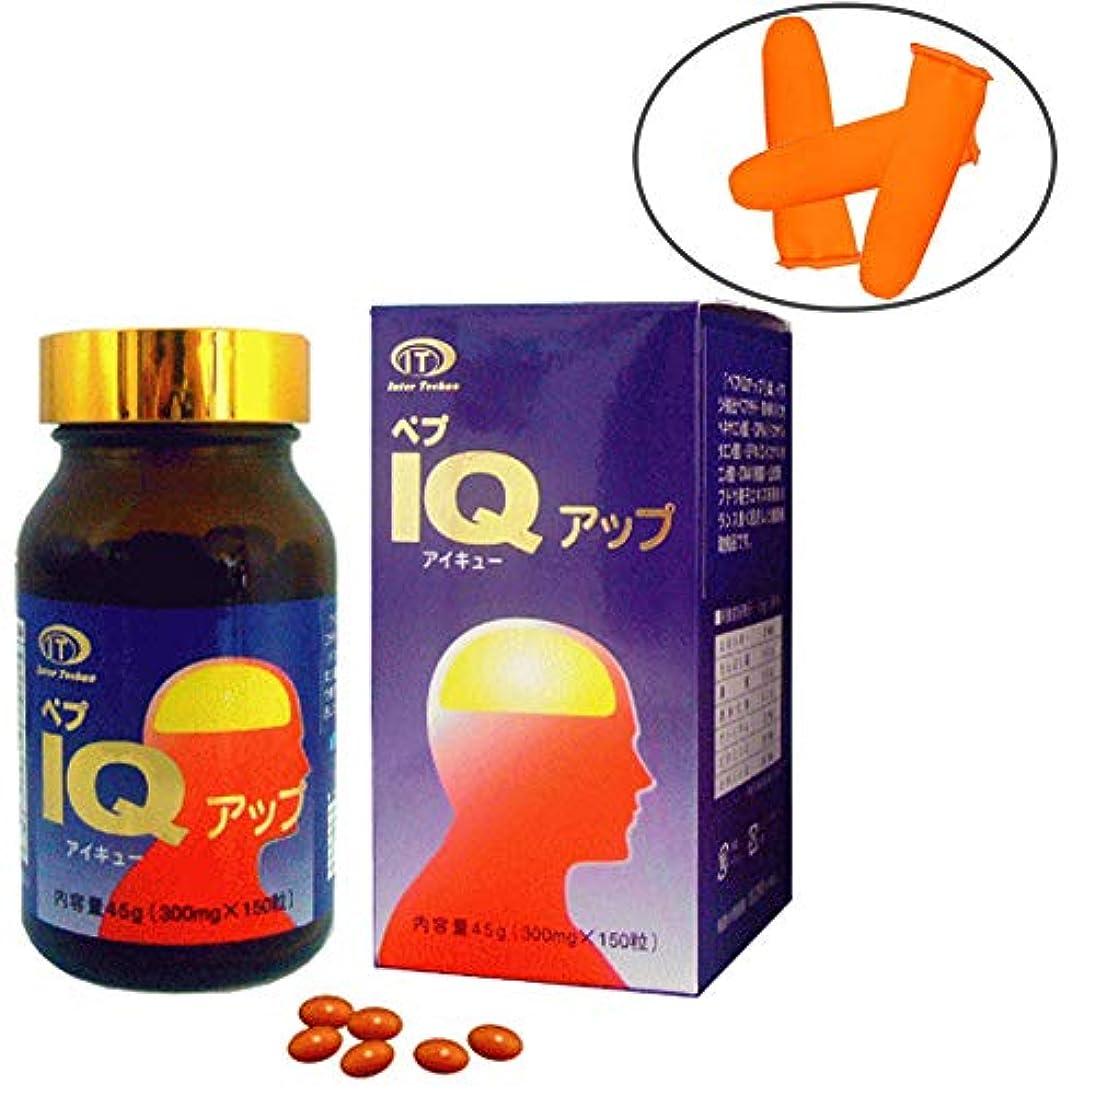 ペプIQアップ 疲労回復 サプリメント dha epa サプリメント 健脳食品 150粒 30日分 DHA 認知症防止 体内から健康に やる気出る オリジナルプレゼント付